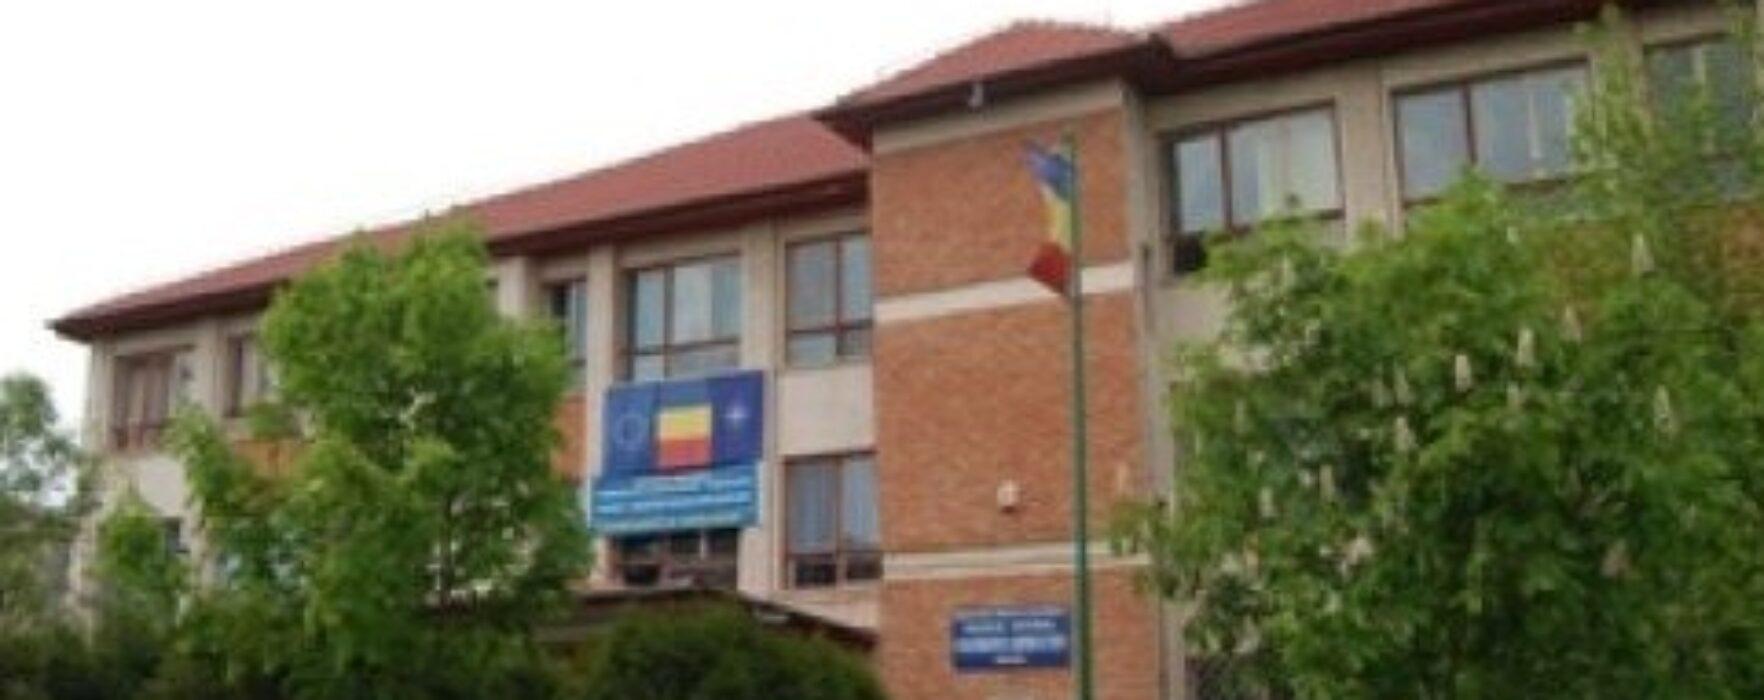 Cluburi de teatru şi dezbatere, la Colegiul Naţional Constantin Cantacuzino din Târgovişte